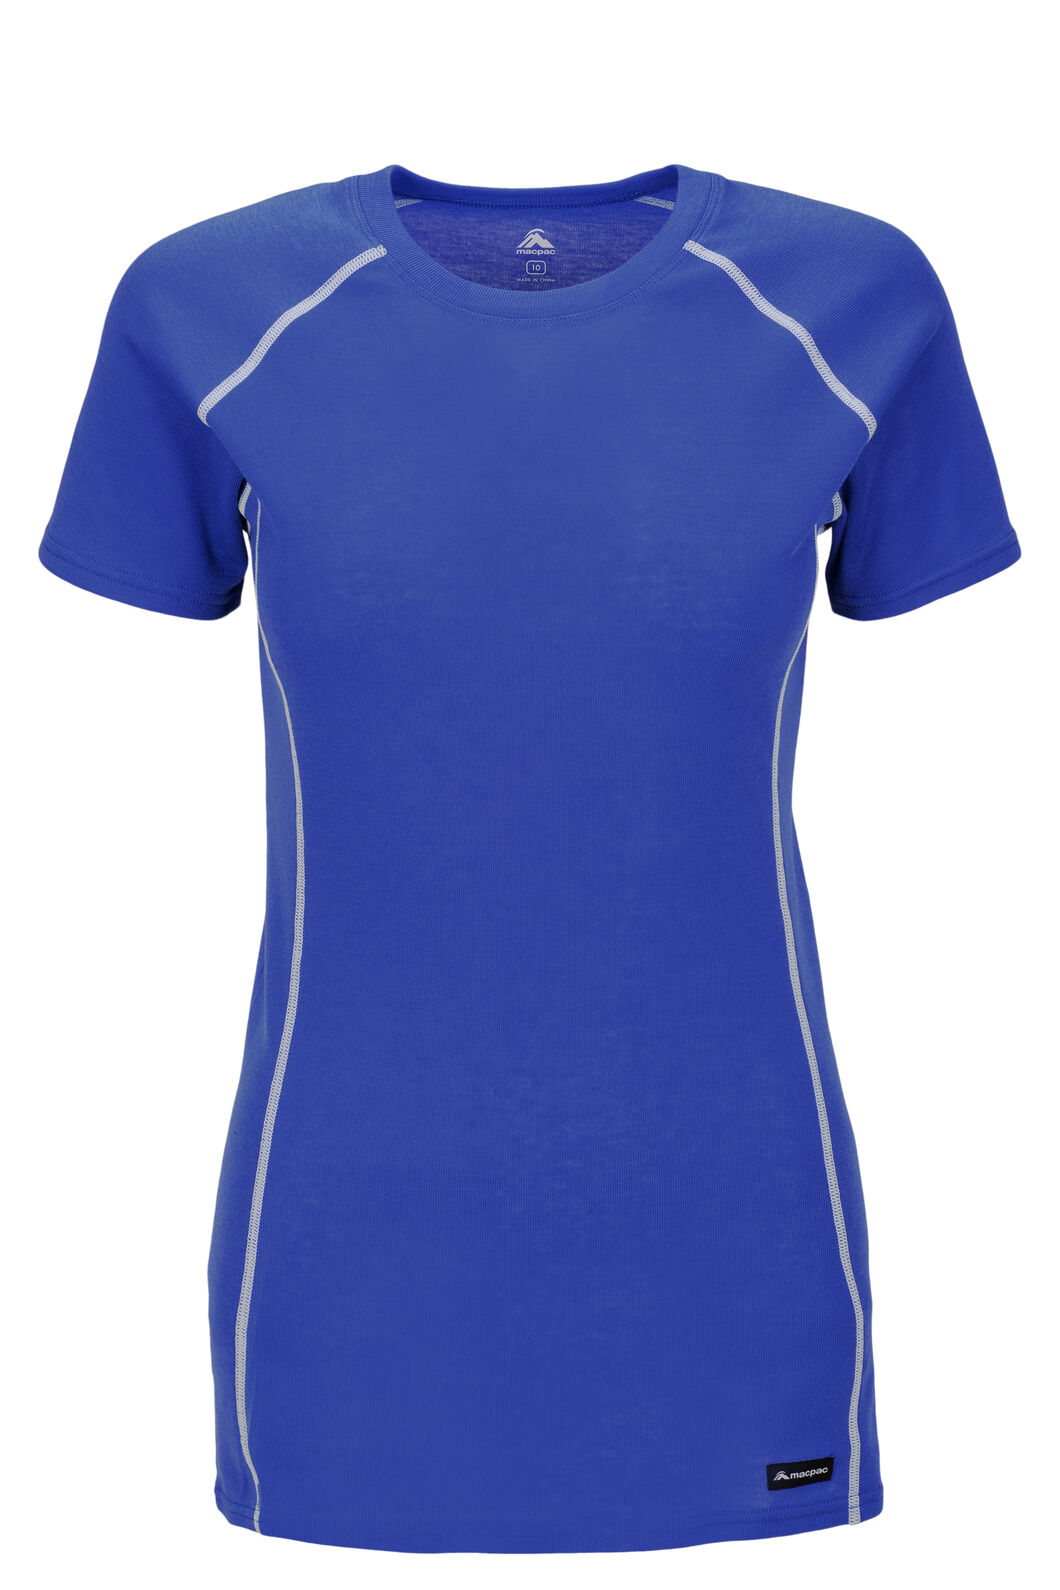 Macpac Geothermal Short Sleeve Tee — Women's, Dazzling Blue, hi-res